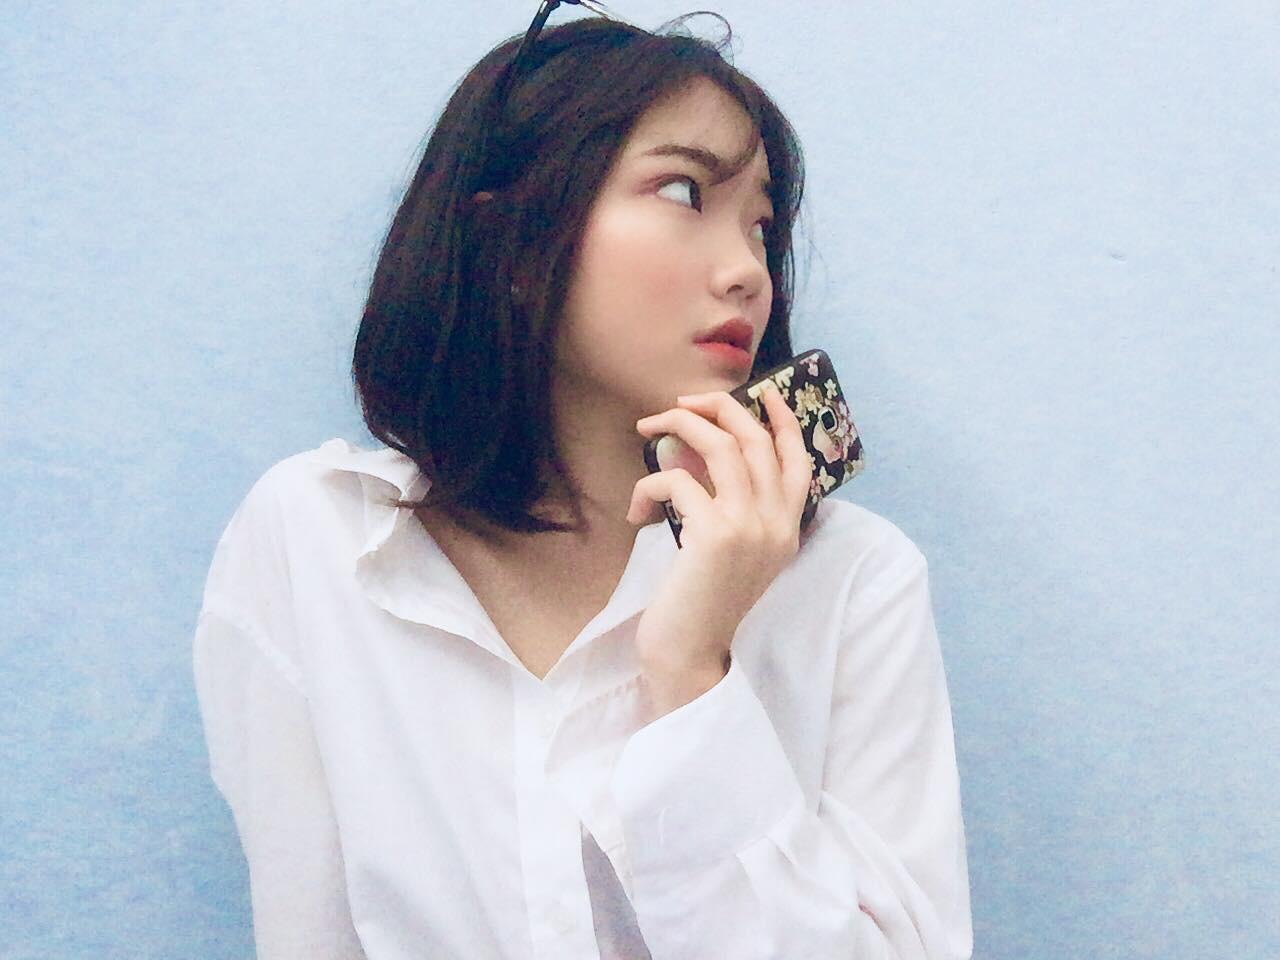 Nữ sinh Thanh Hoá nổi như cồn với bức ảnh thẻ xinh như hotgirl, đã vậy còn học giỏi, hát hay và là cao thủ võ thuật - Ảnh 4.